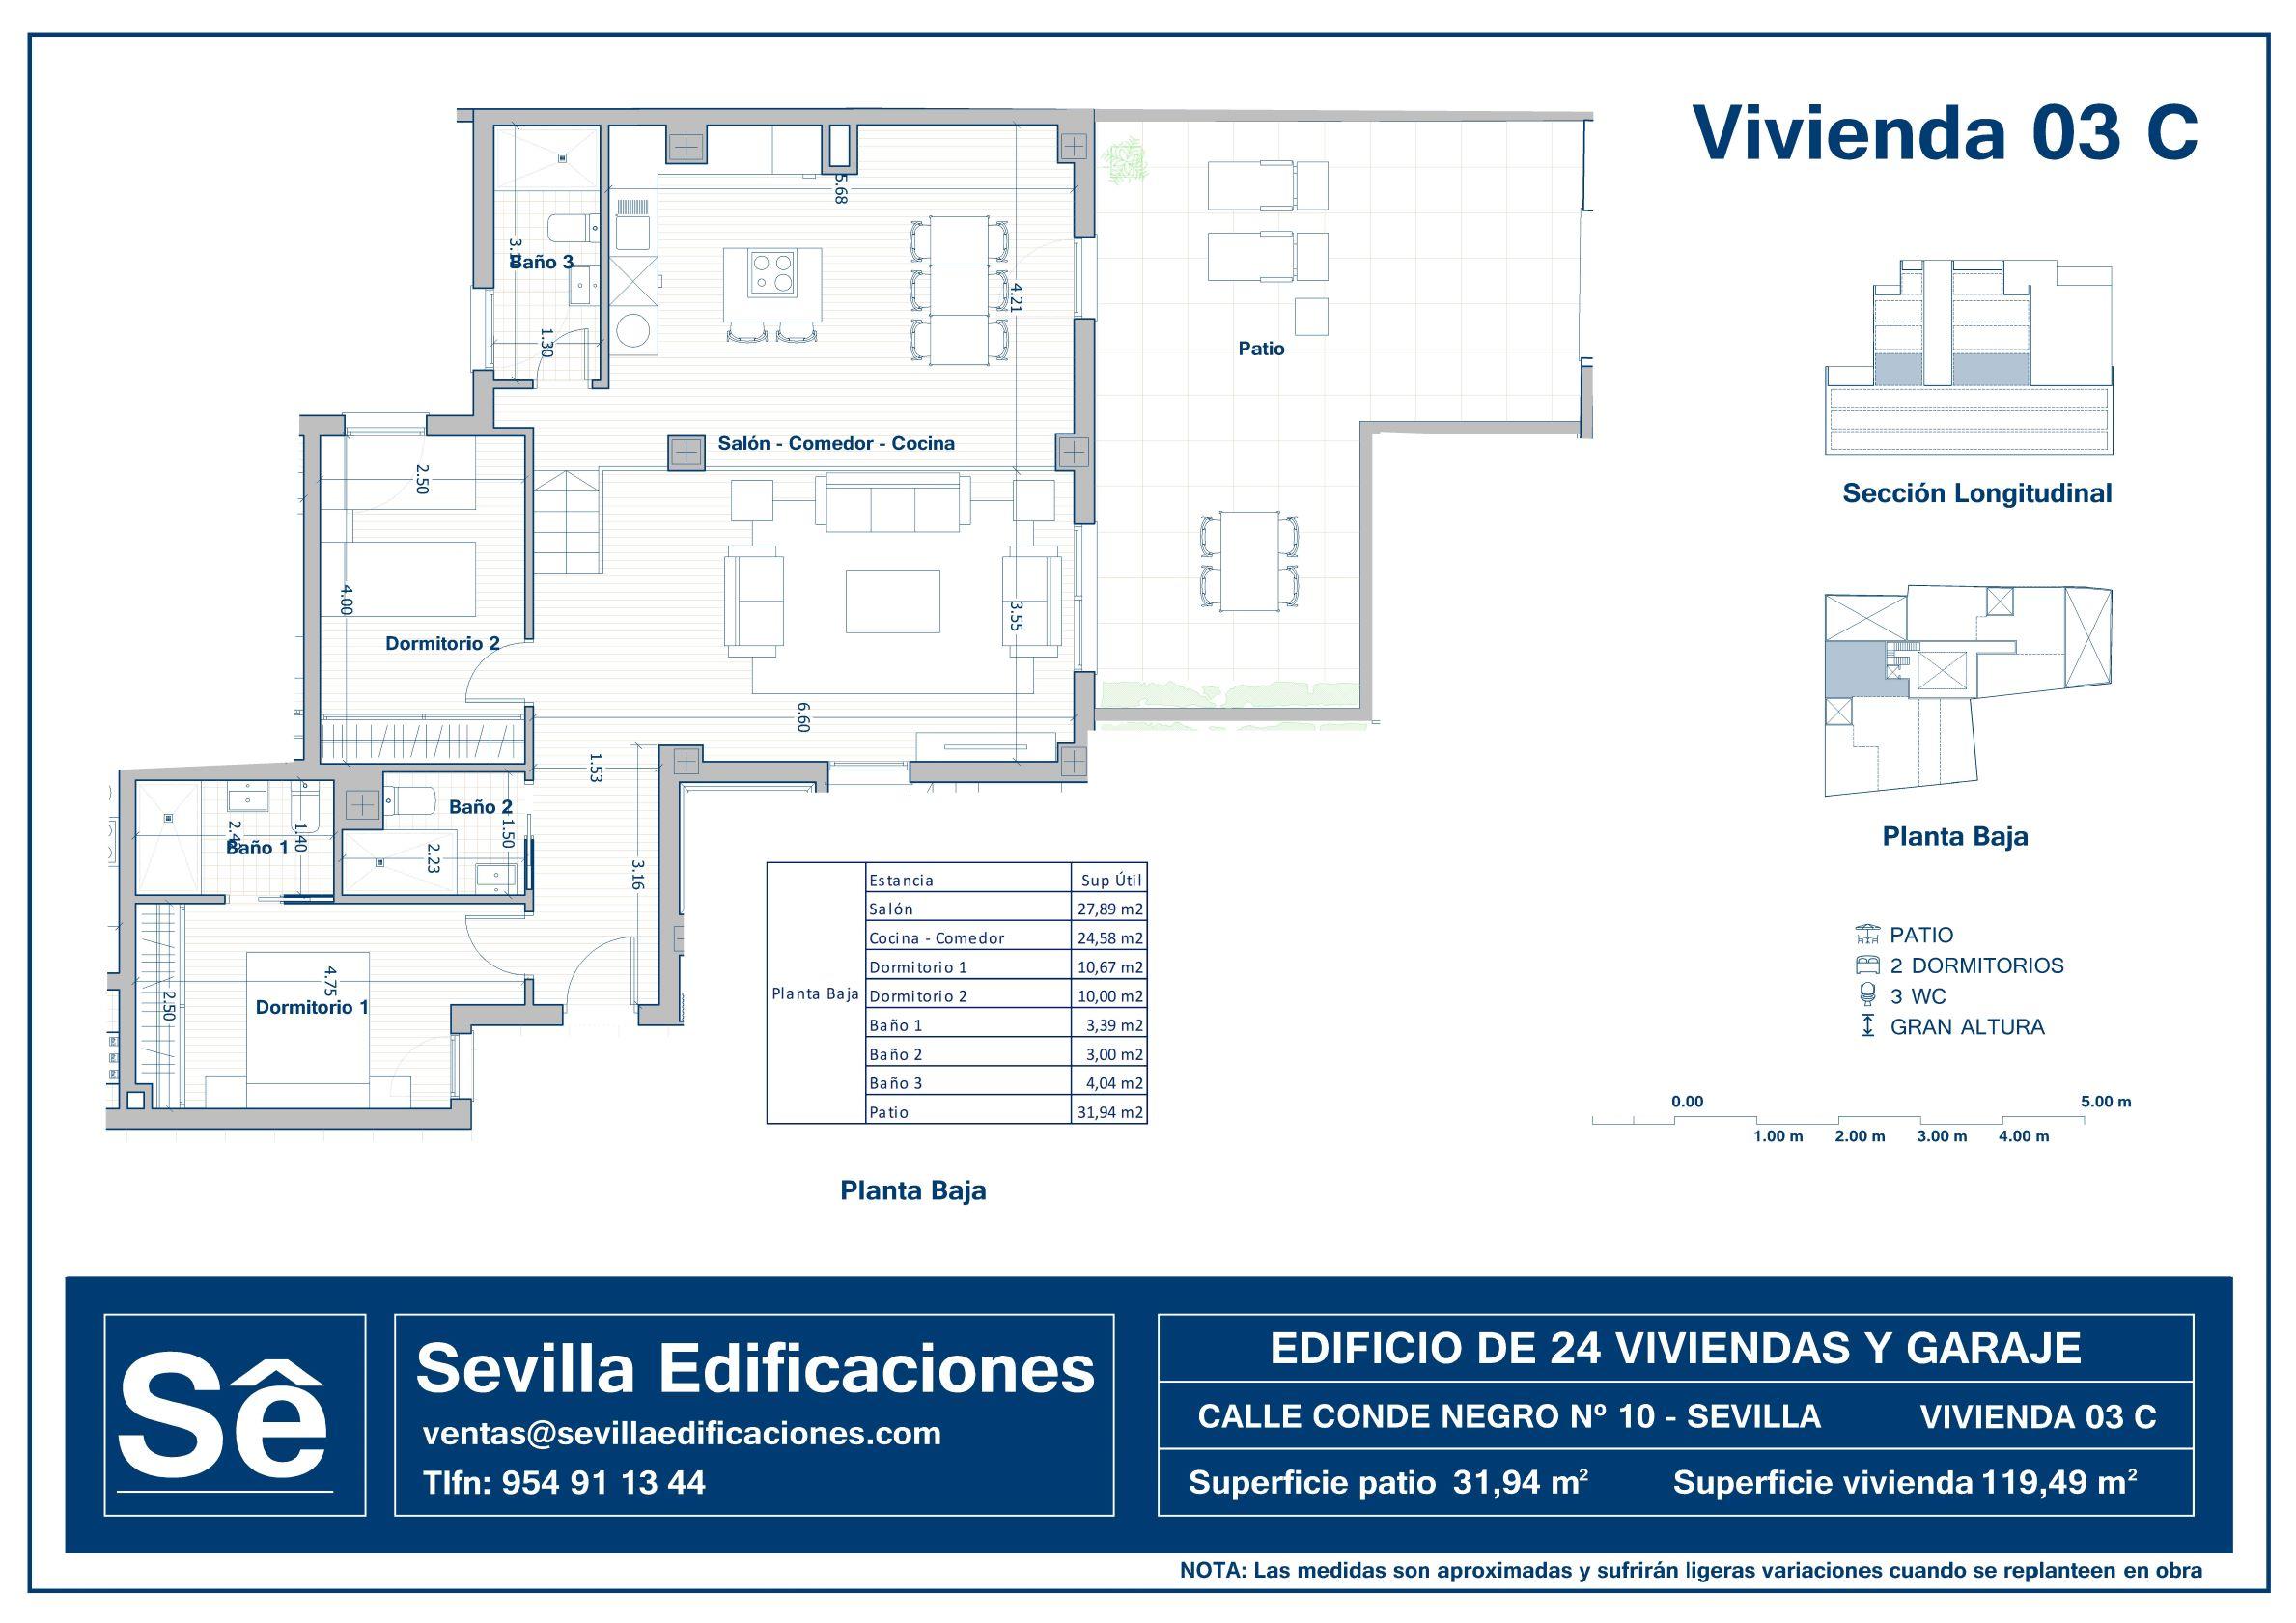 CONDENEGRO_VIVIENDA__03_C